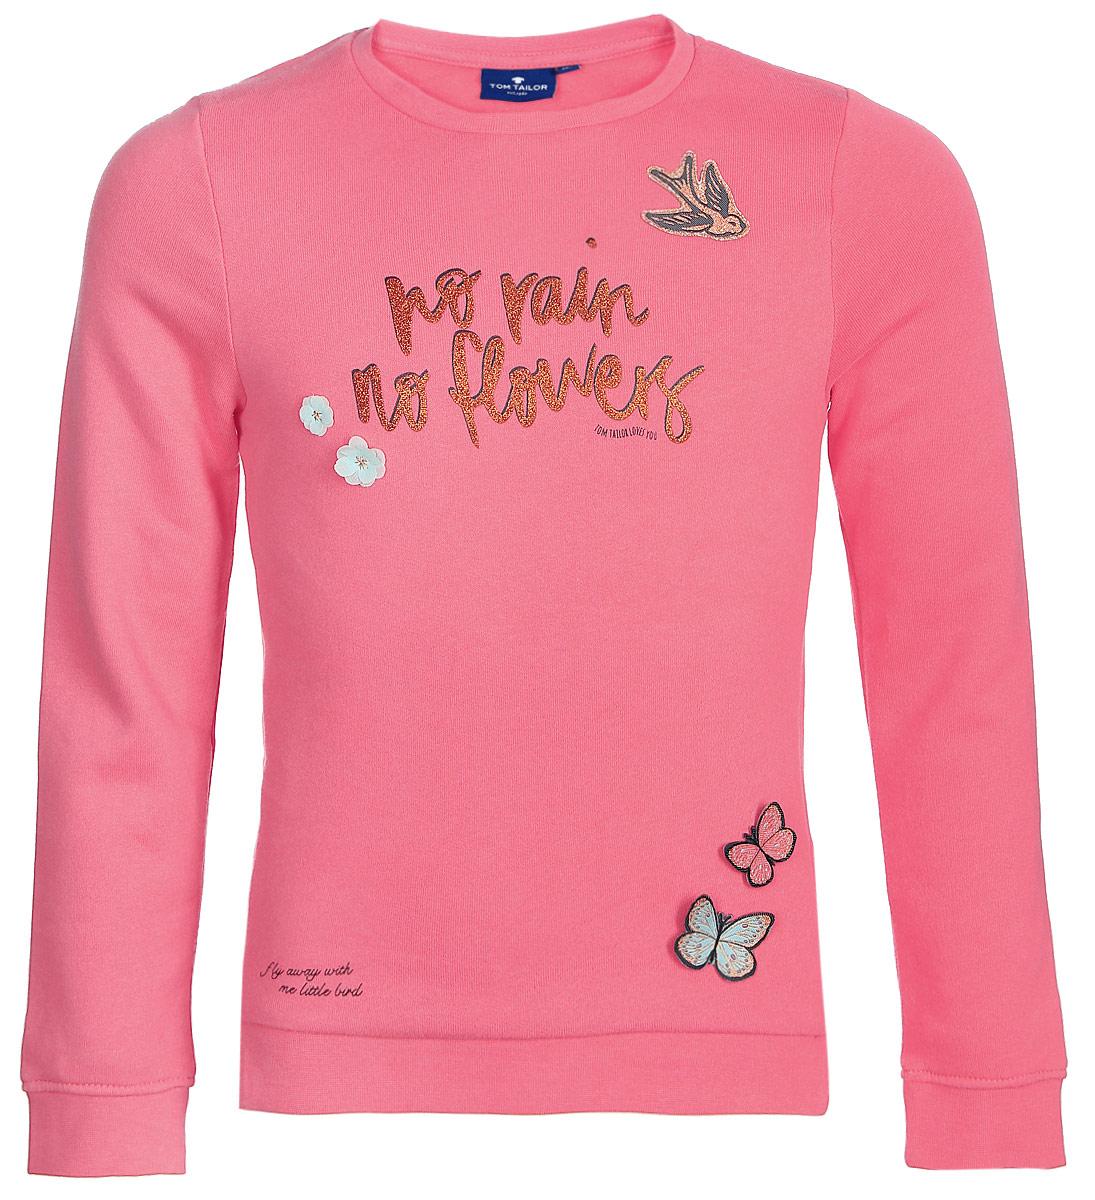 Свитшот для девочки Tom Tailor, цвет: розовый. 2531425.00.81. Размер 104/110 купить